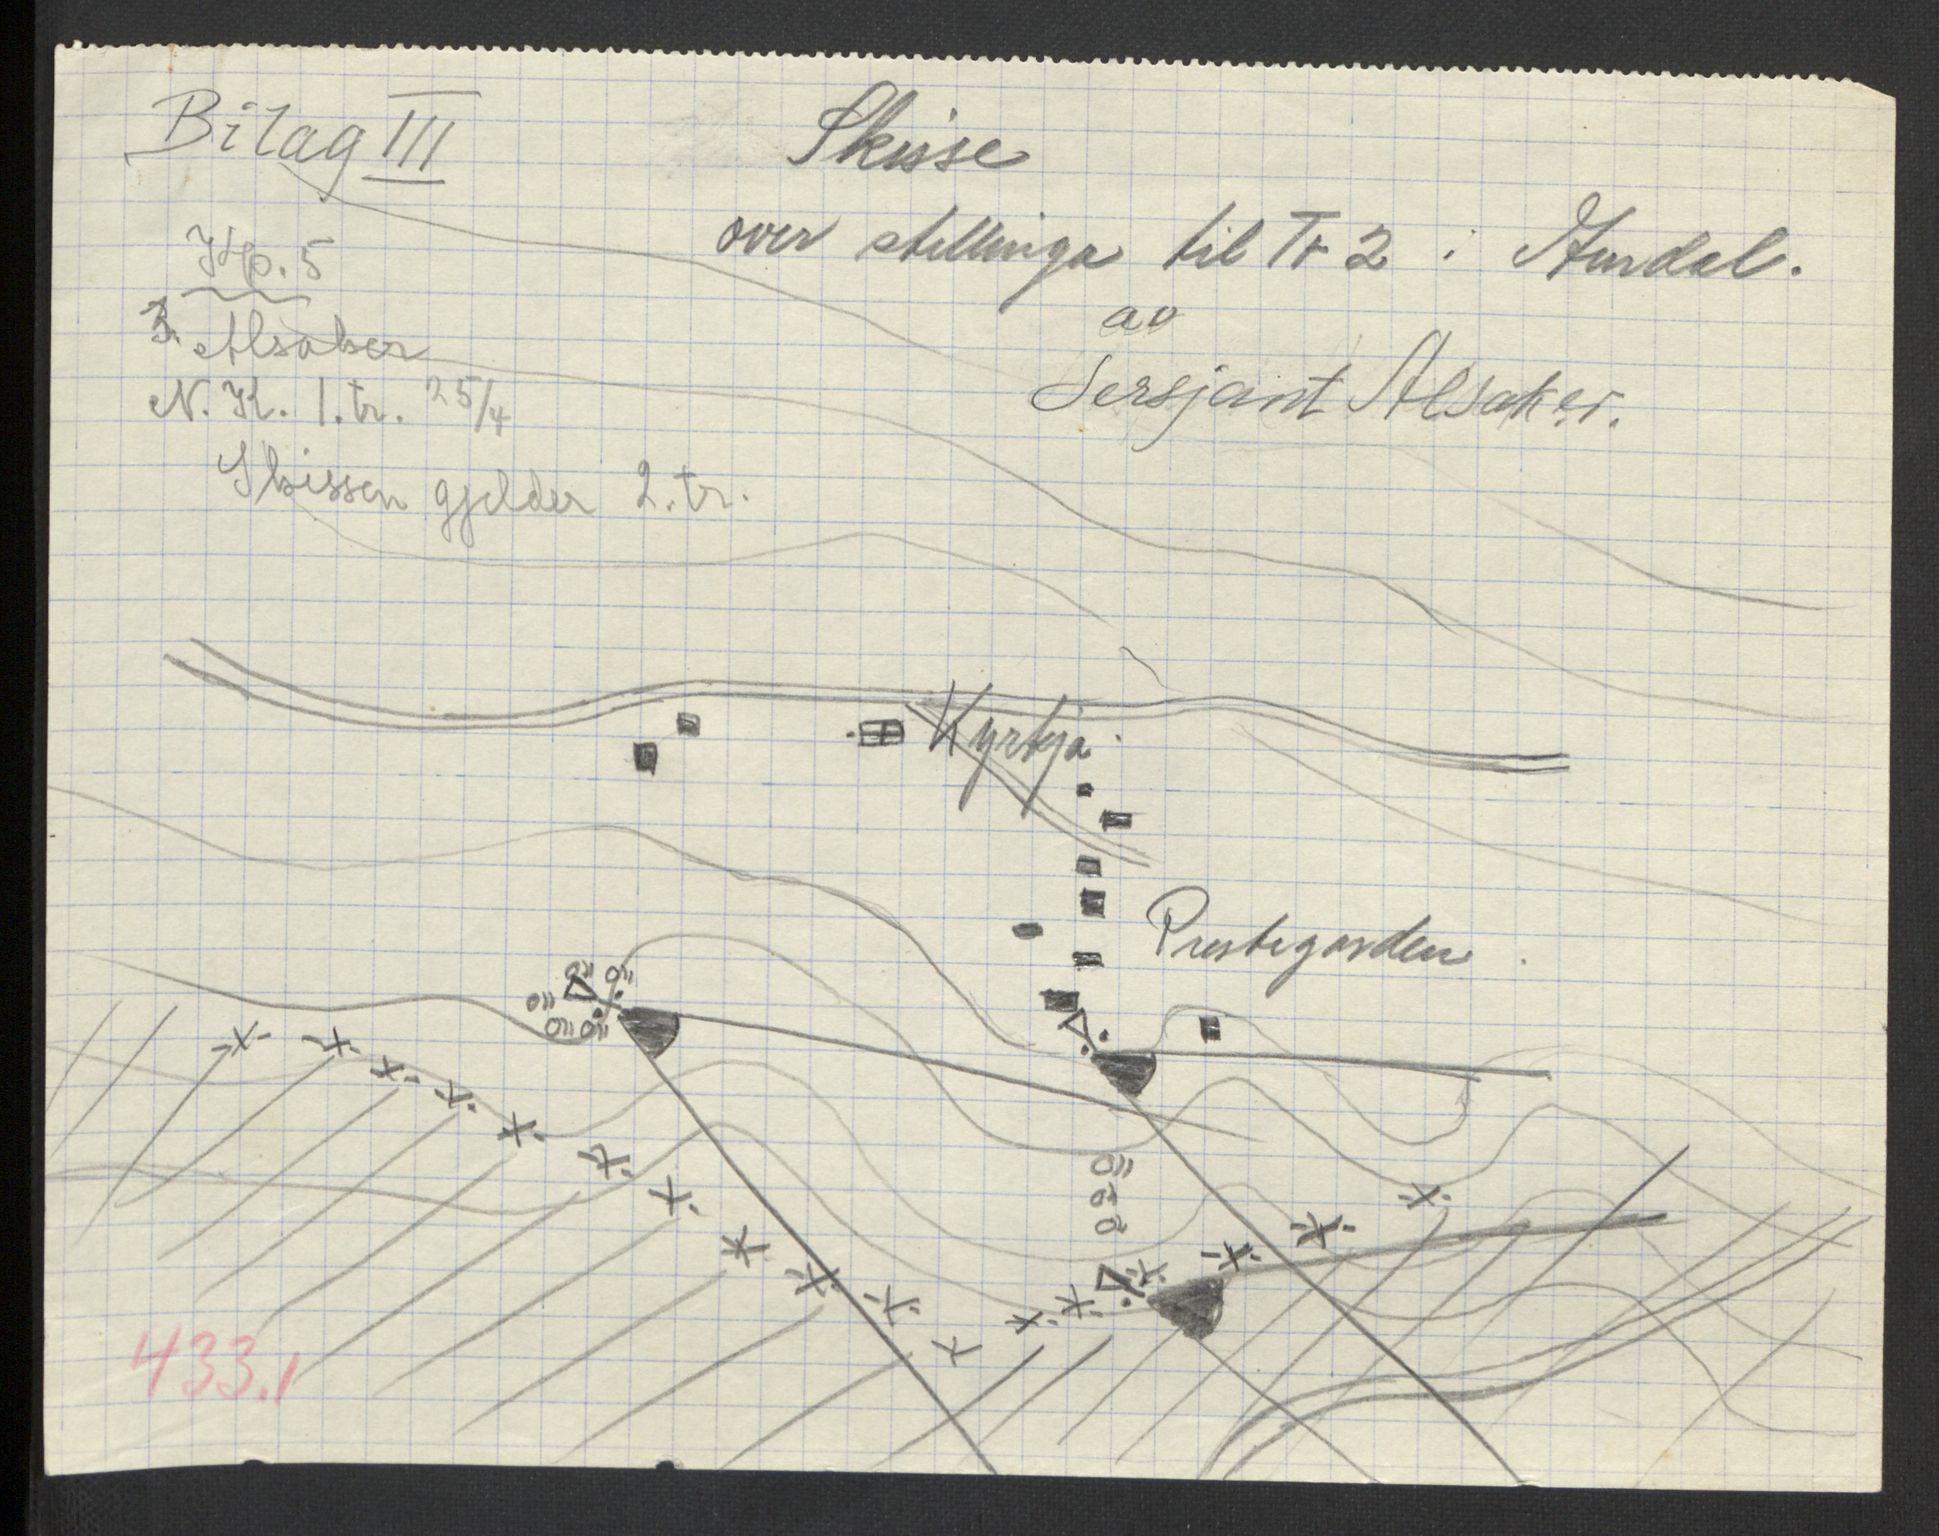 RA, Forsvaret, Forsvarets krigshistoriske avdeling, Y/Yb/L0104: II-C-11-430  -  4. Divisjon., 1940, s. 215